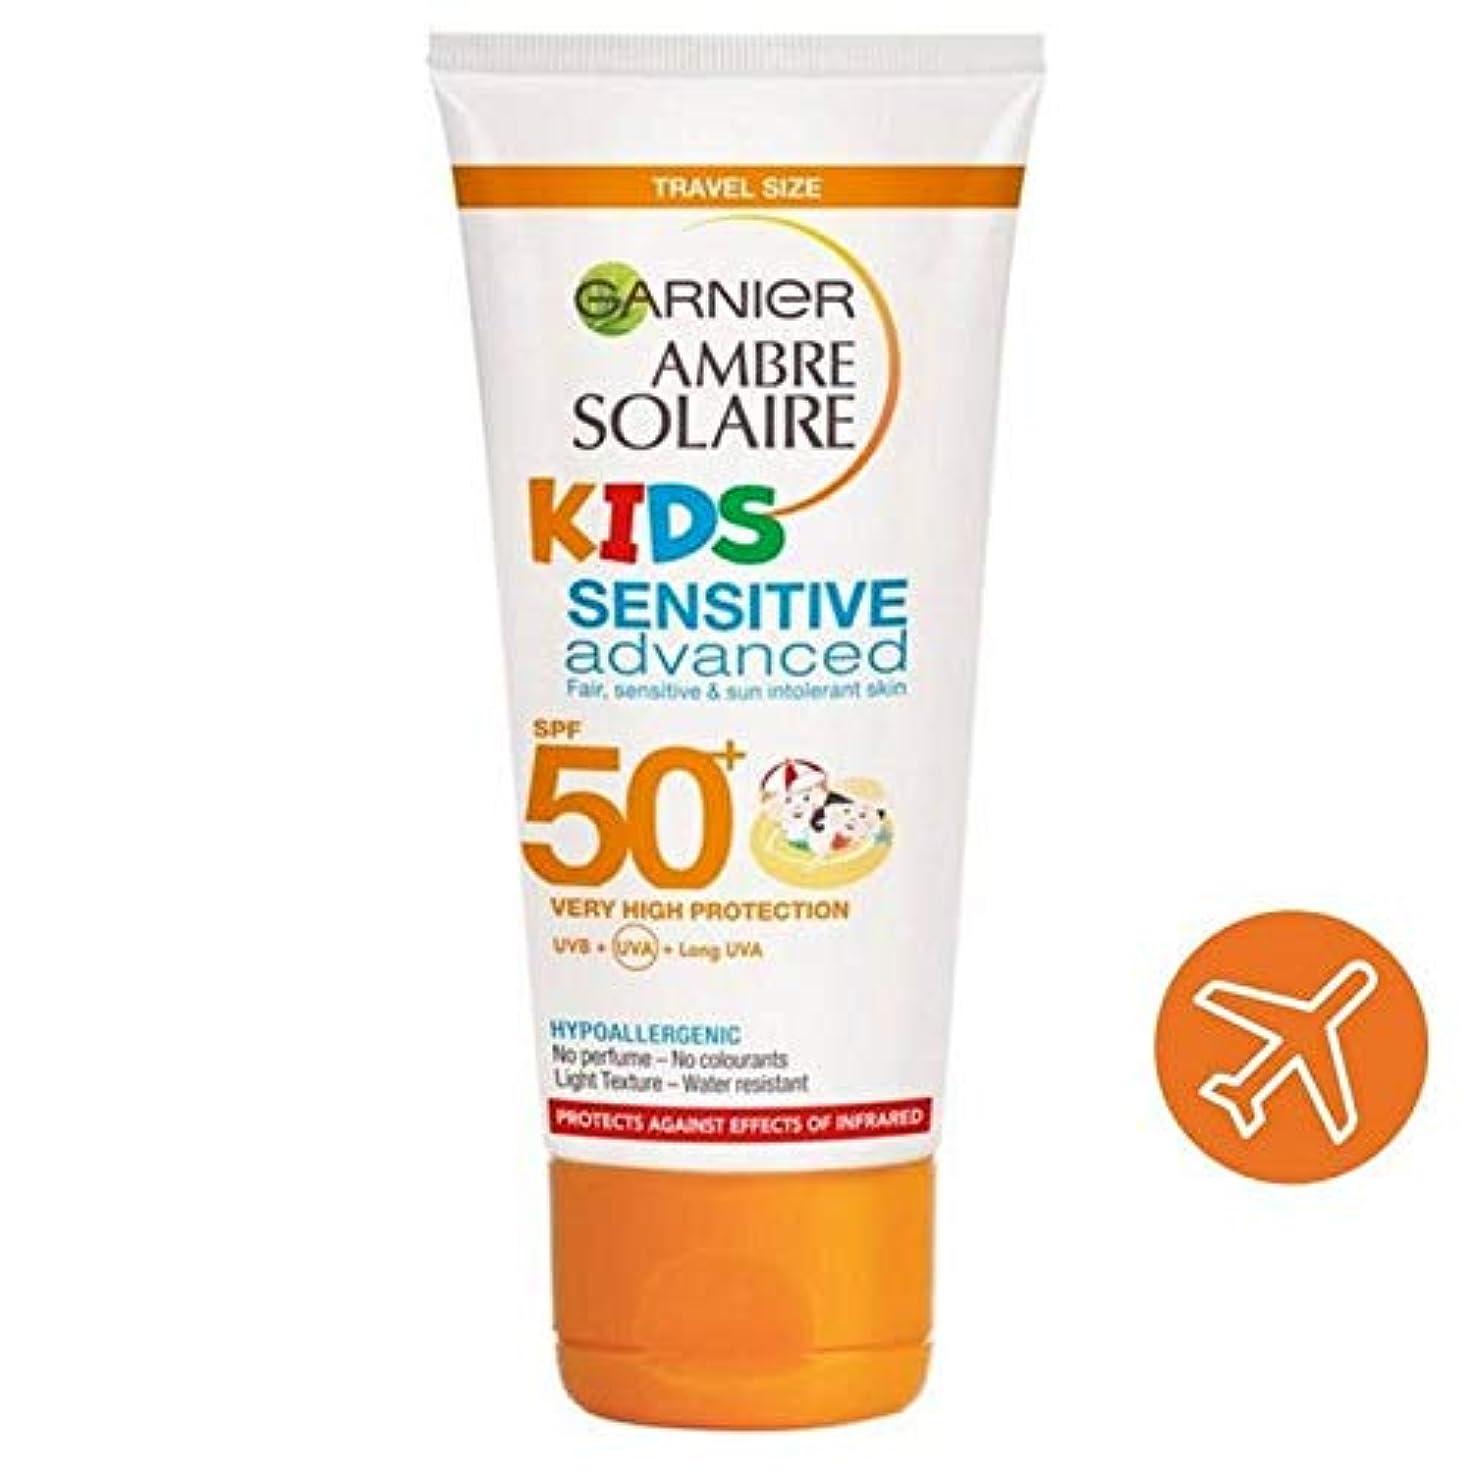 緩める適合する歯車[Garnier ] アンブレSolaire子供敏感サンクリームSpf50 + 50ミリリットル - Ambre Solaire Kids Sensitive Sun Cream SPF50+ 50ml [並行輸入品]